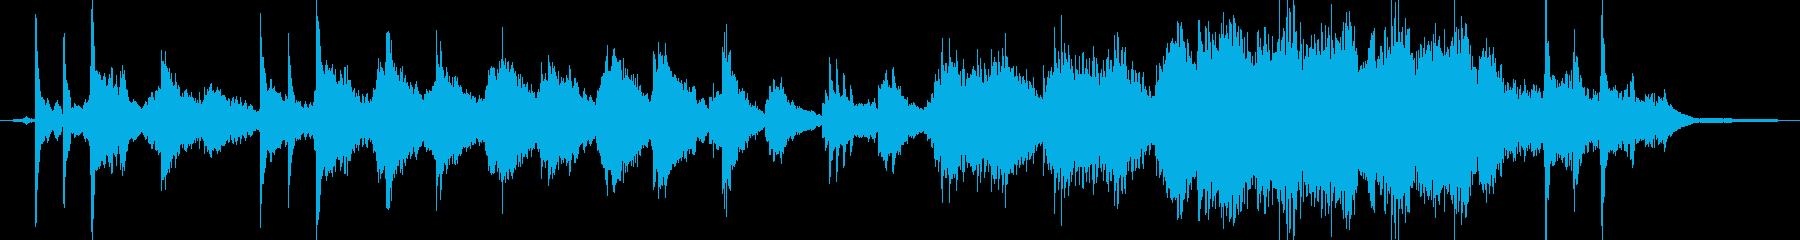 クールで切ないピアノソロの再生済みの波形